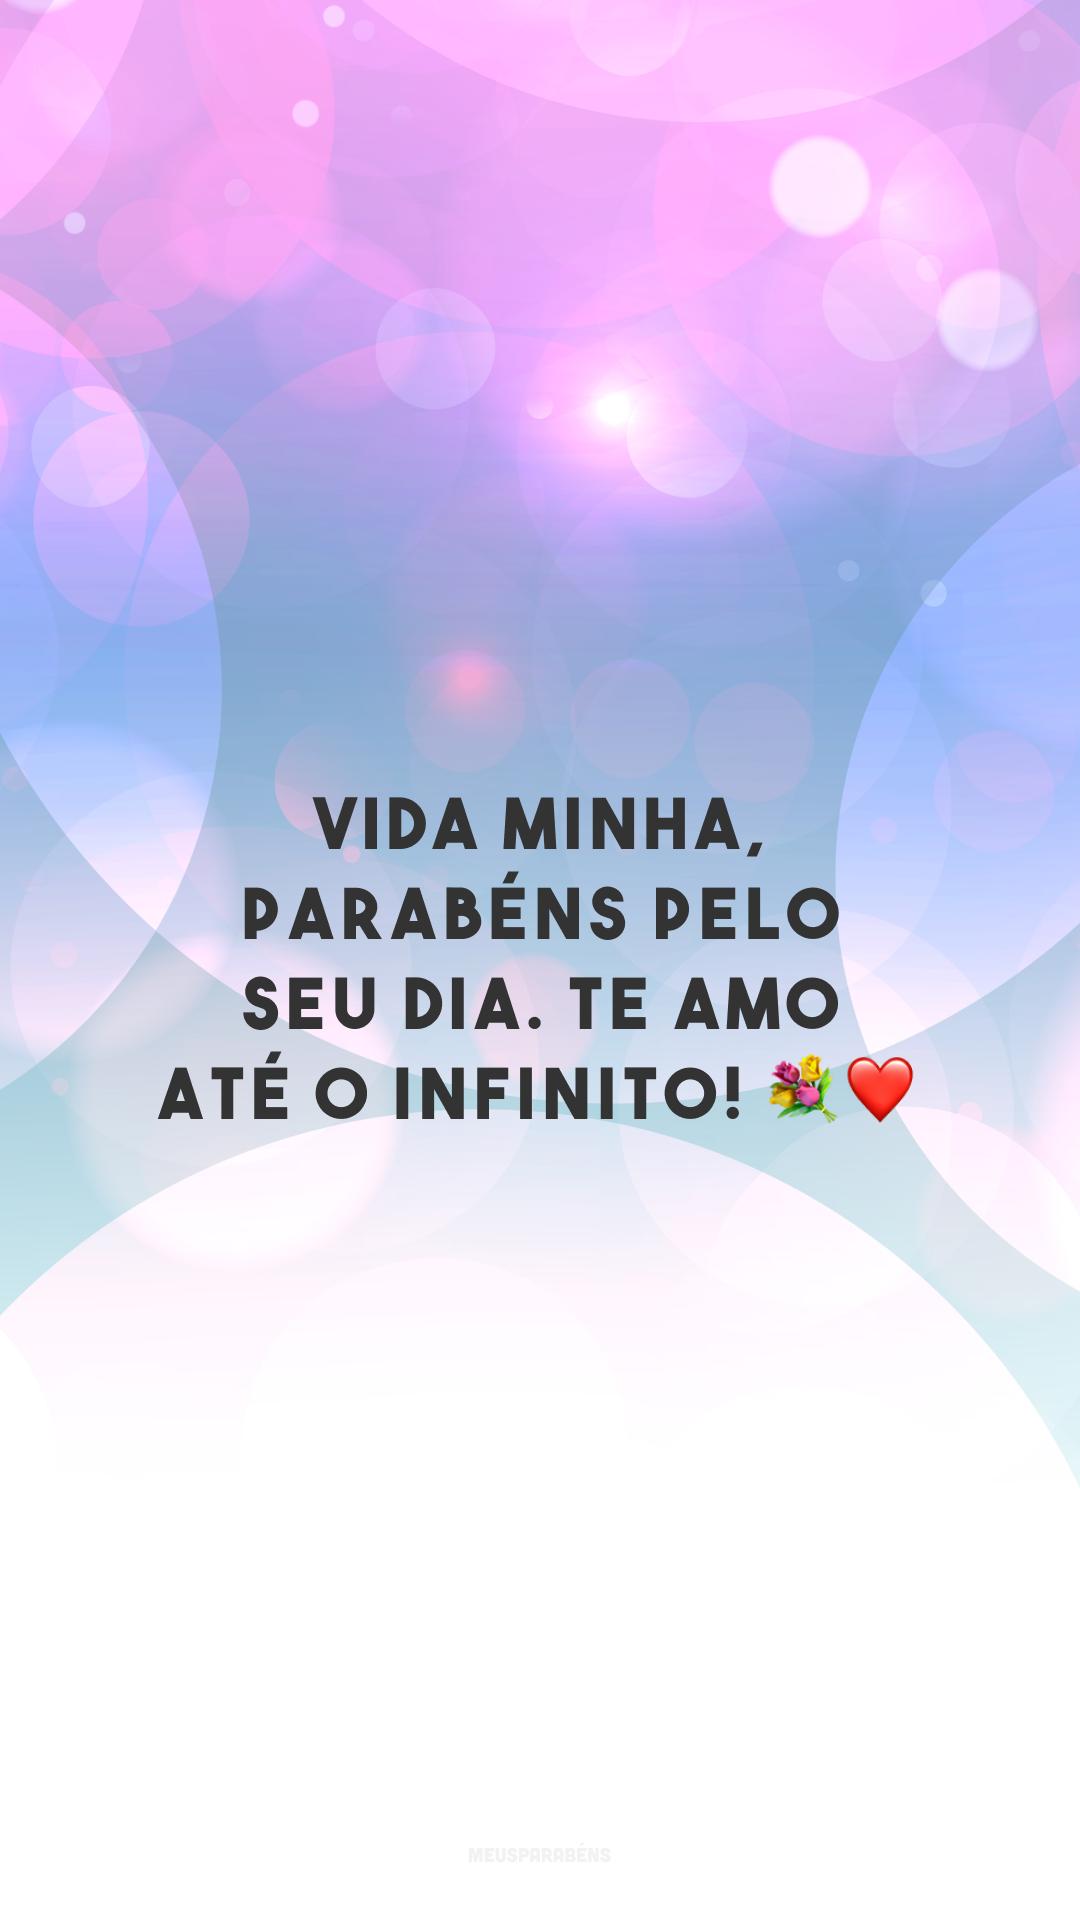 Vida minha, parabéns pelo seu dia. Te amo até o infinito! 💐❤️